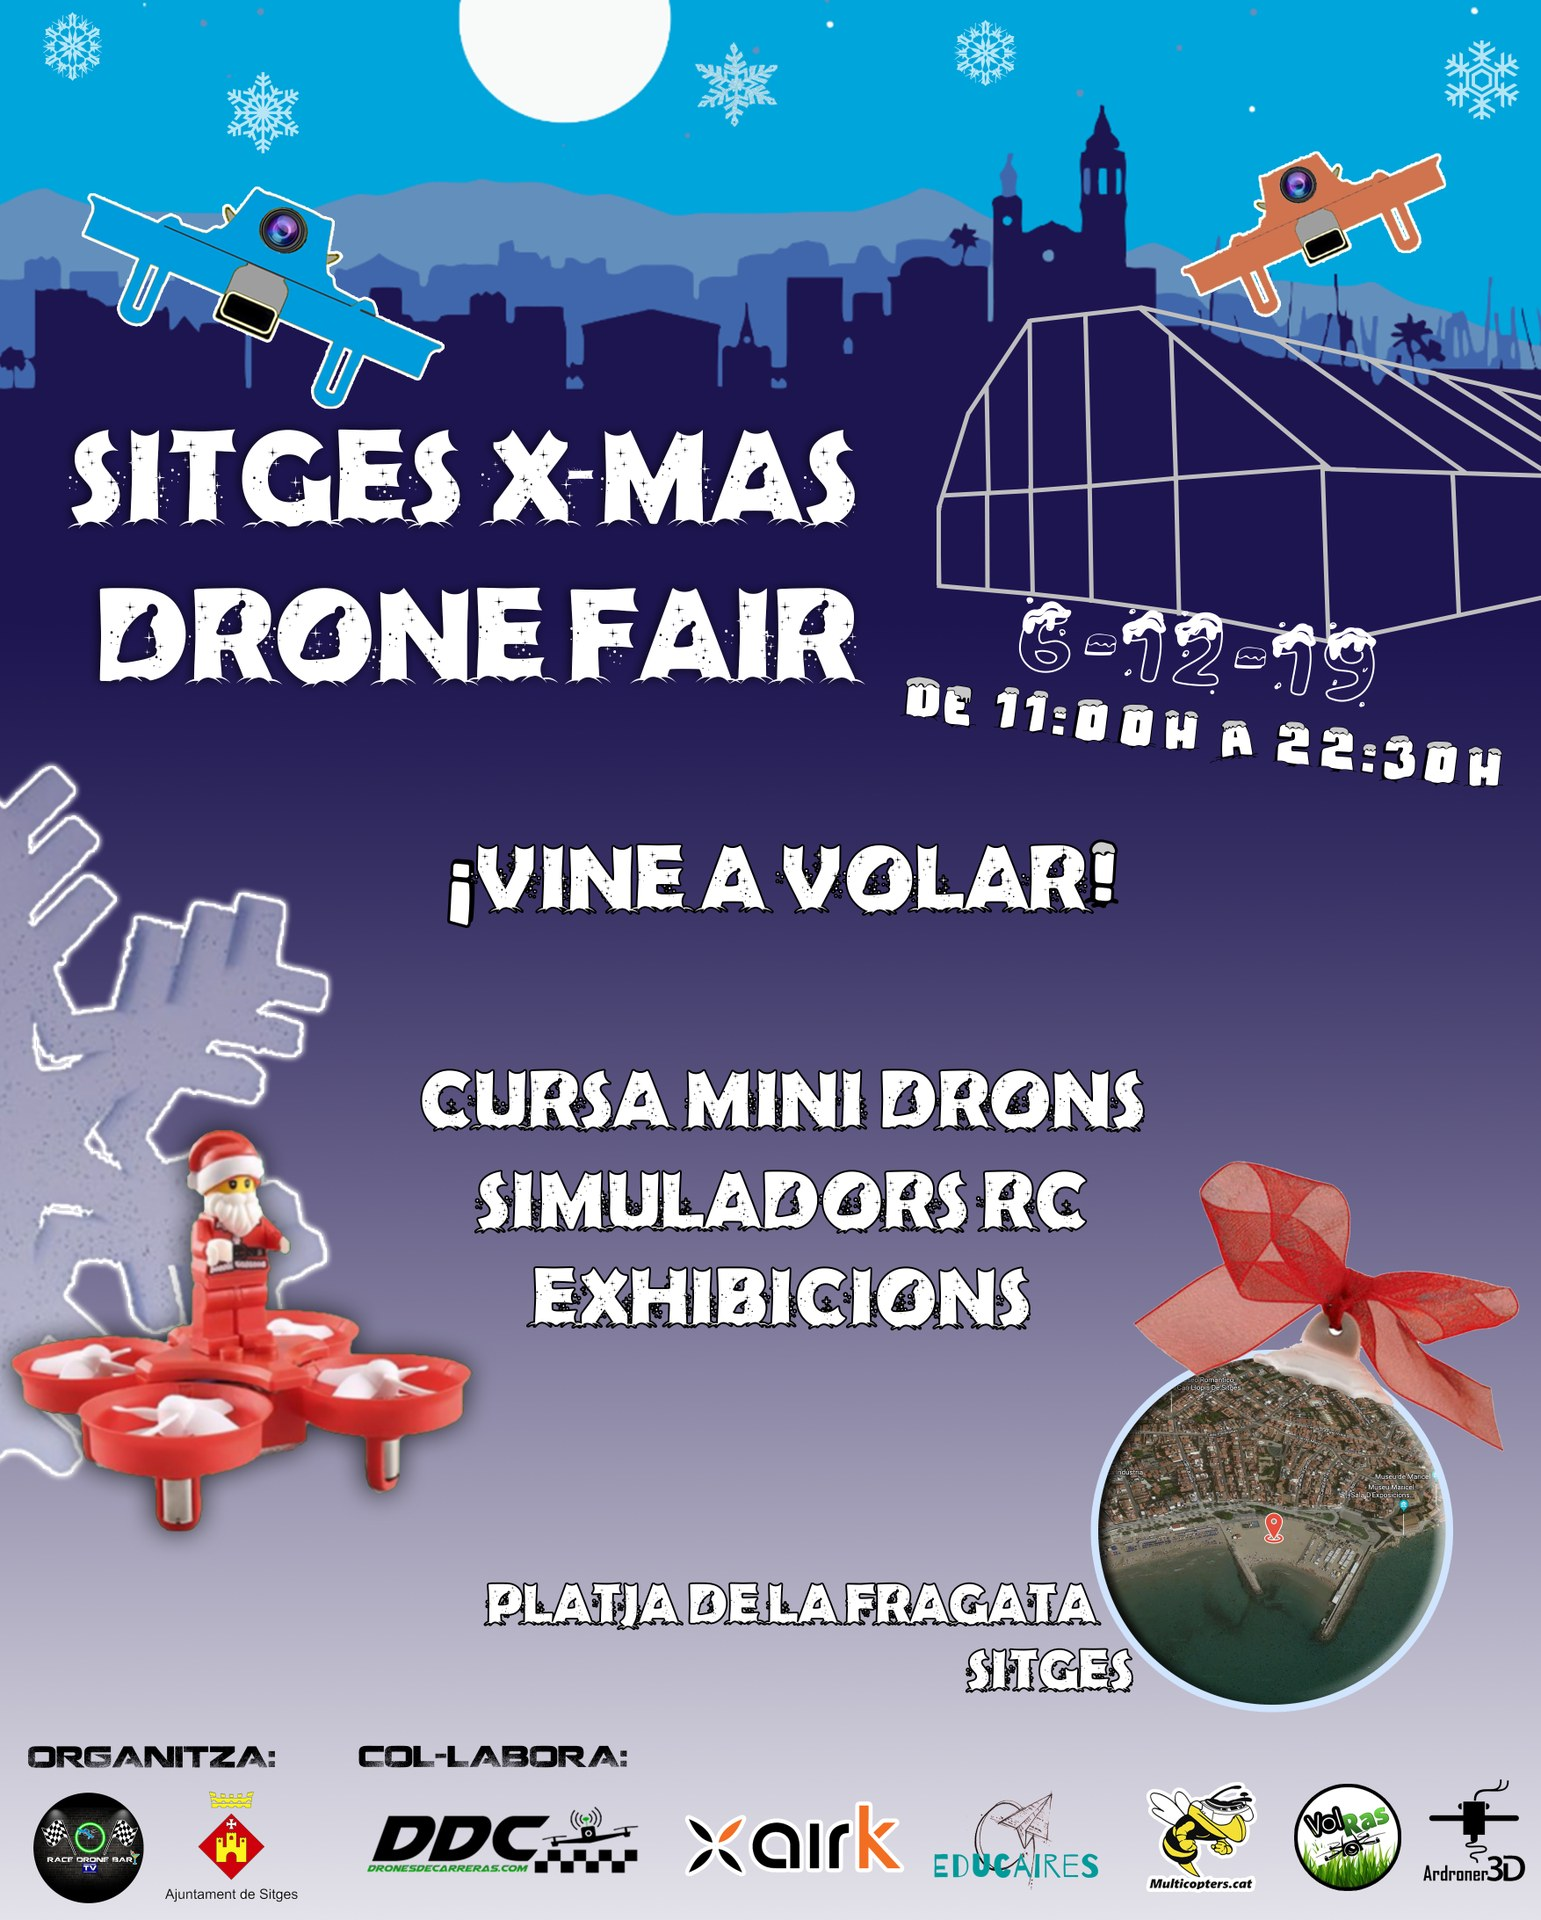 Sitges X-MAS Drone Fair, Platja de La Fragata